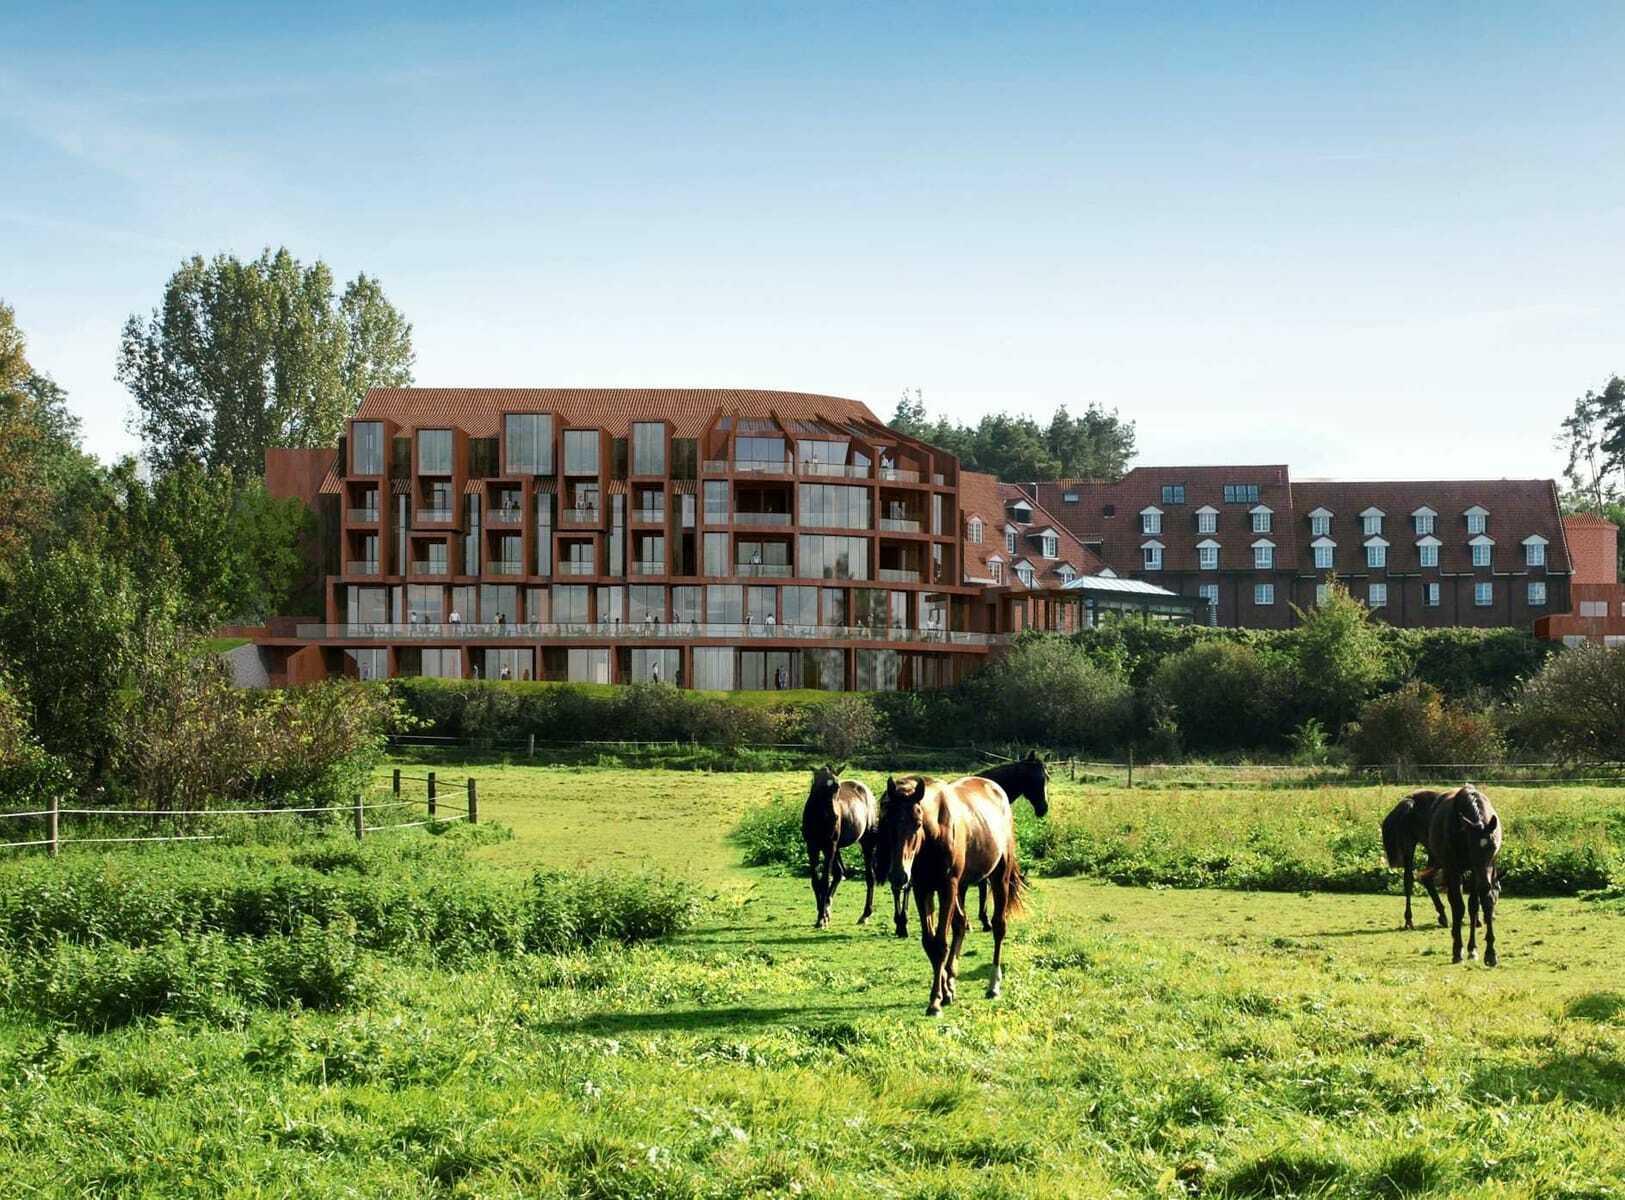 Hotelansicht mit Pferden im Vordergrund